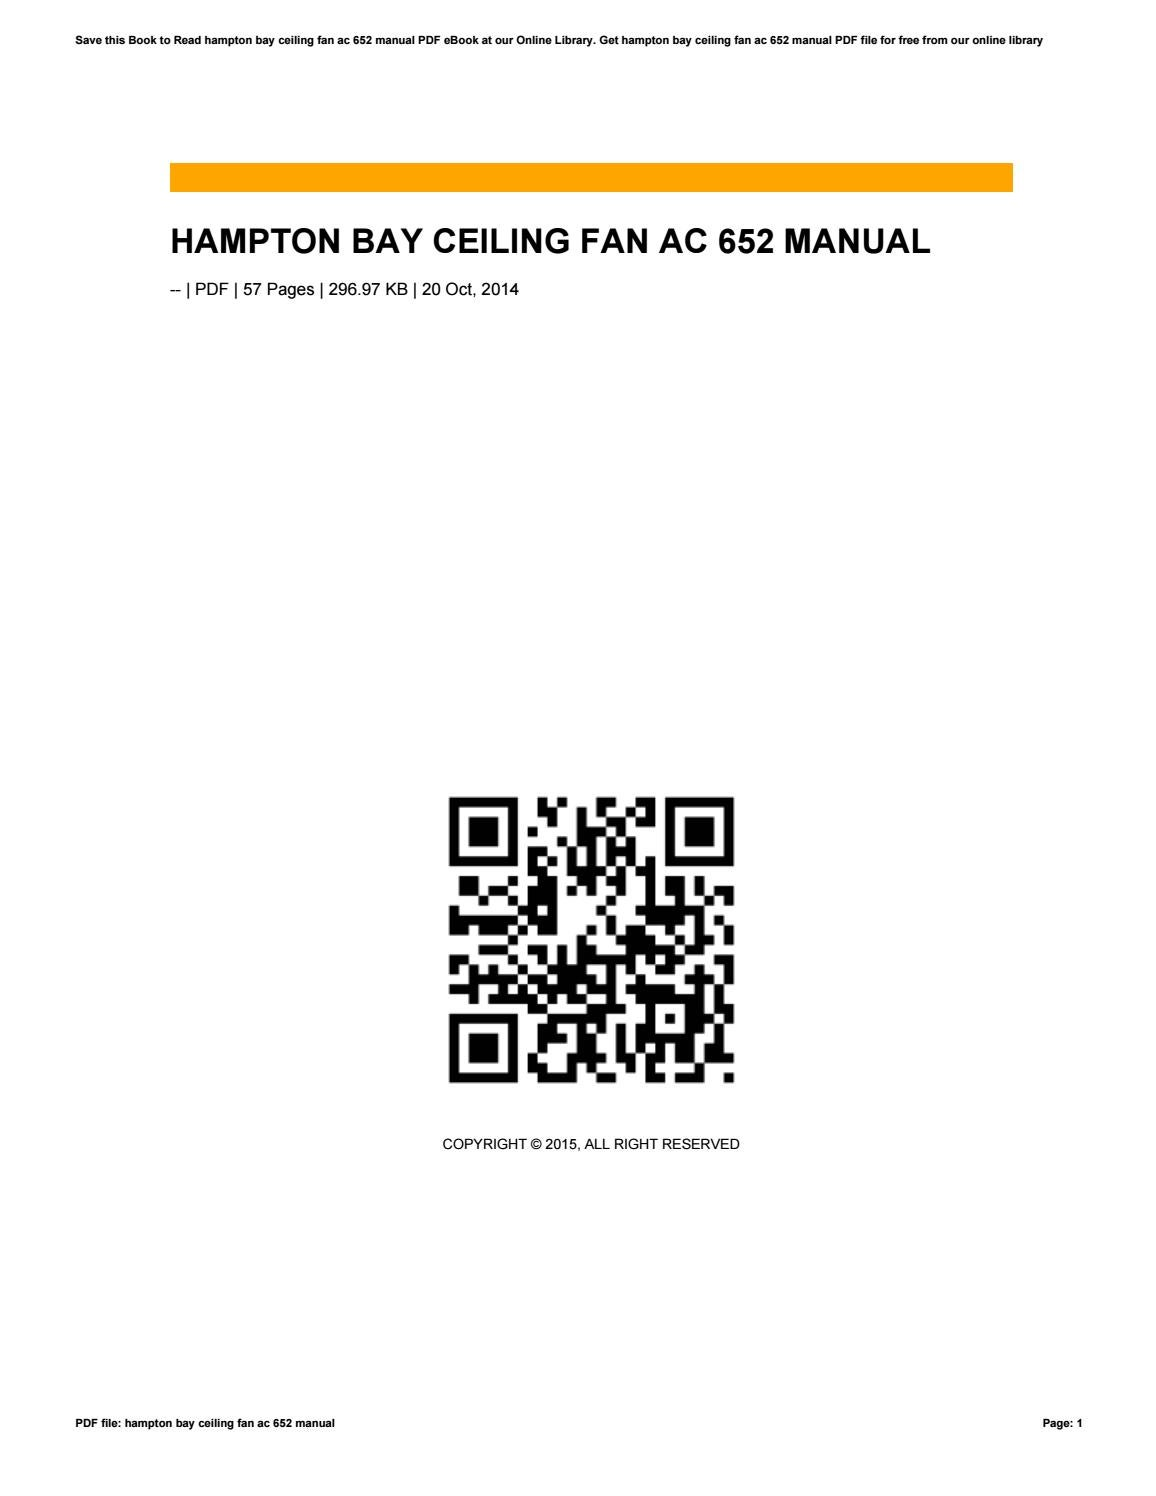 [ZTBE_9966]  Hampton bay ceiling fan ac 652 manual by umie54salsabila - issuu | Ac 652 Ceiling Fan Wiring Diagram |  | Issuu